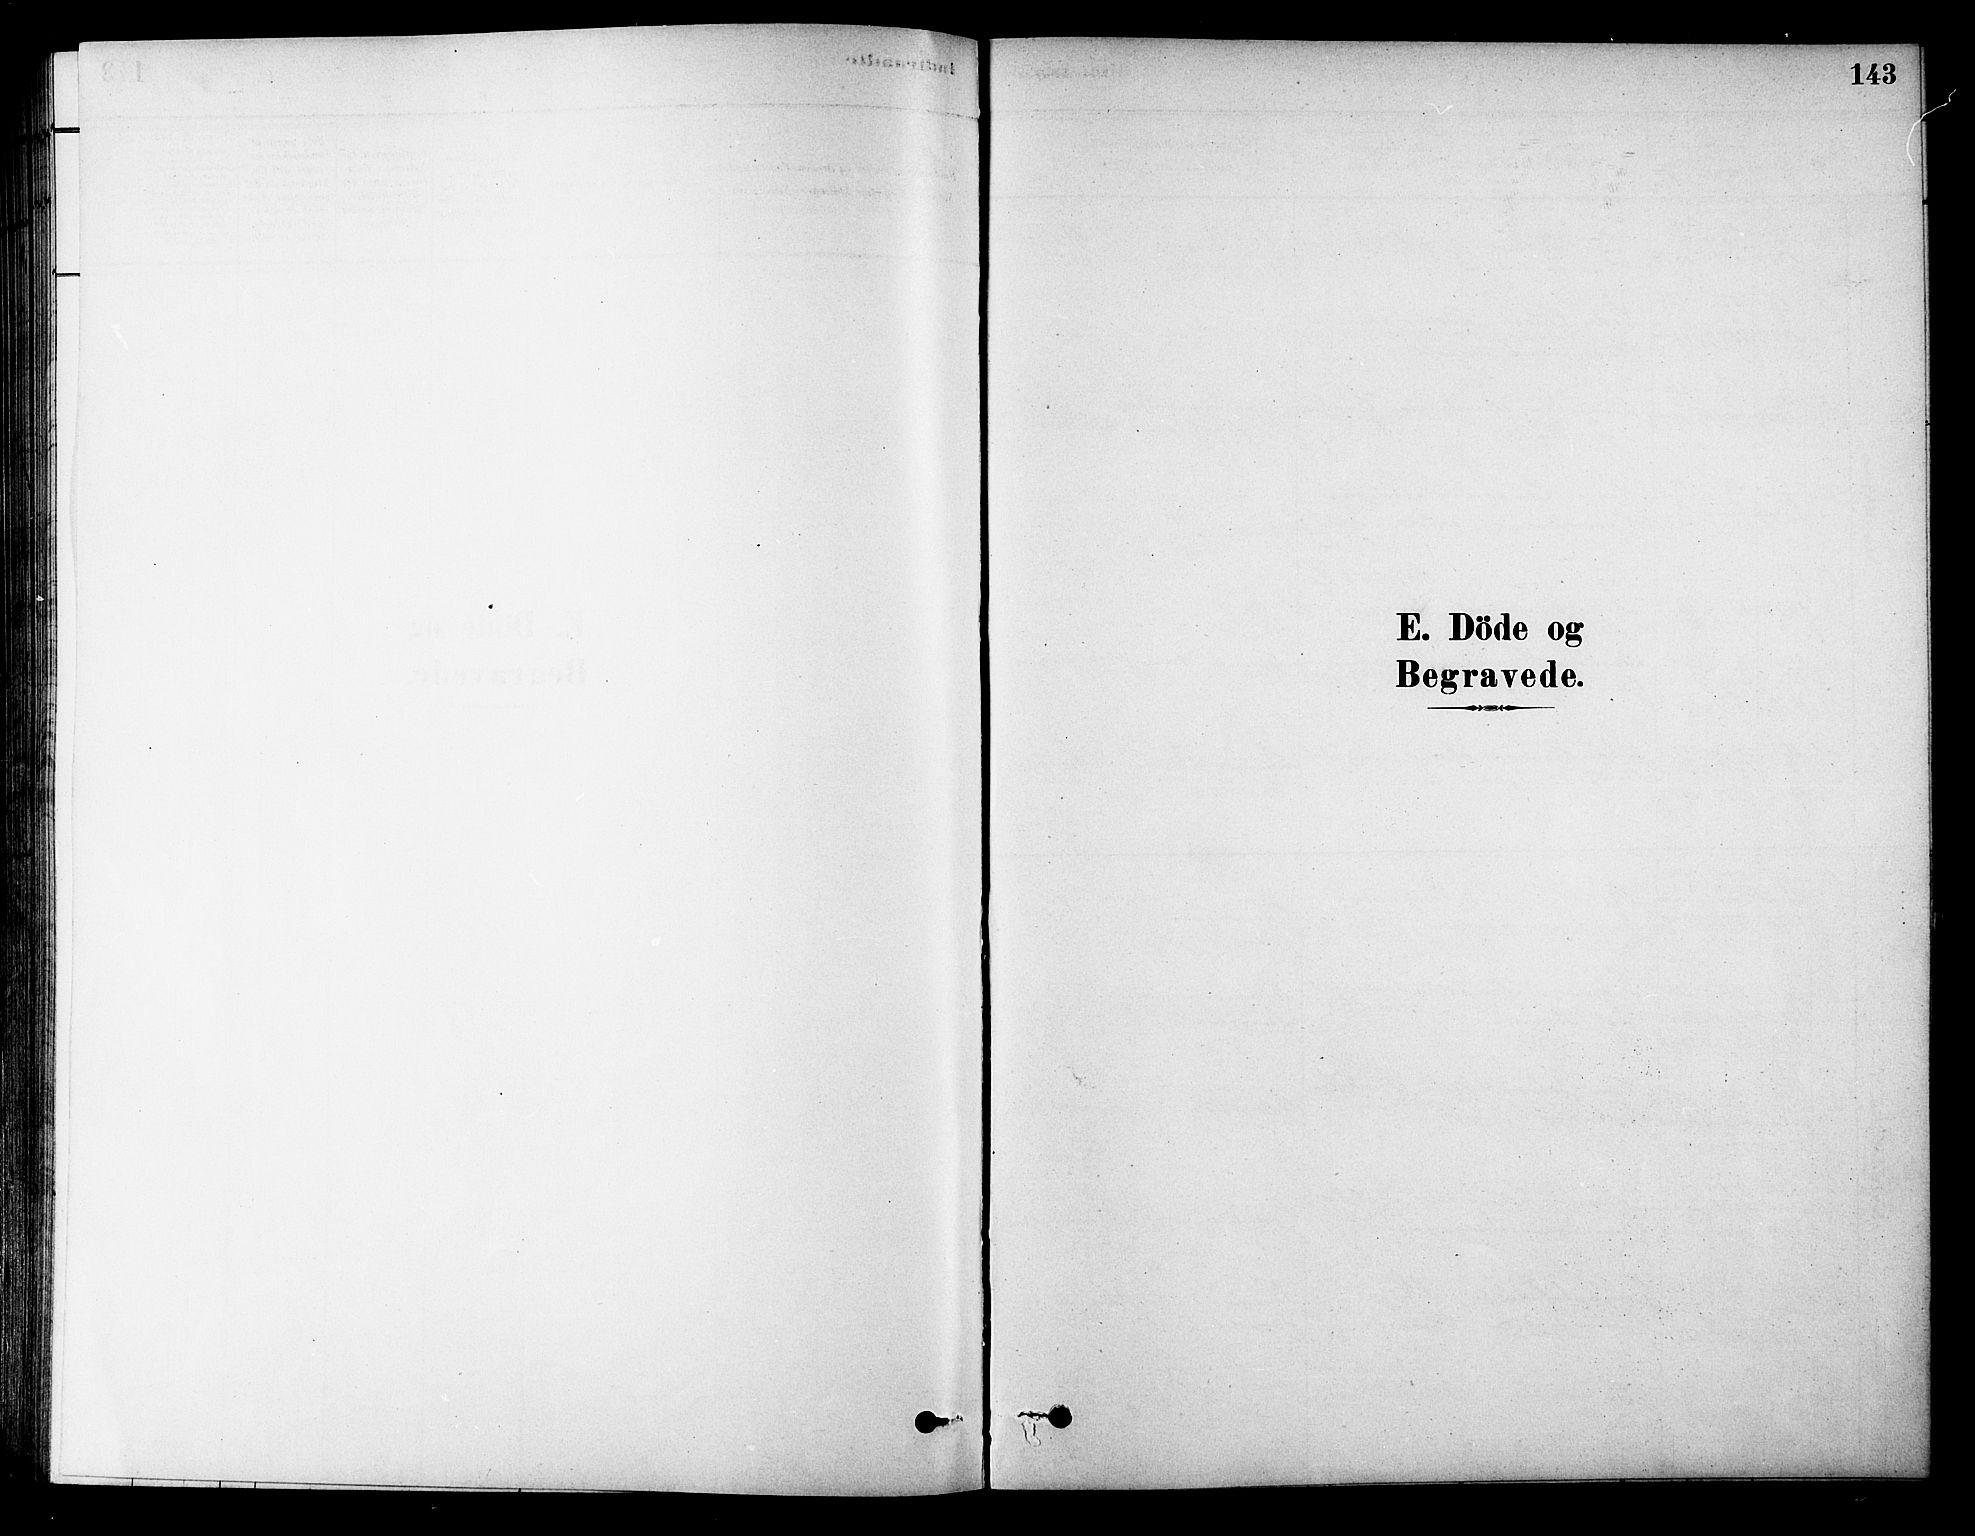 SAT, Ministerialprotokoller, klokkerbøker og fødselsregistre - Sør-Trøndelag, 686/L0983: Ministerialbok nr. 686A01, 1879-1890, s. 143